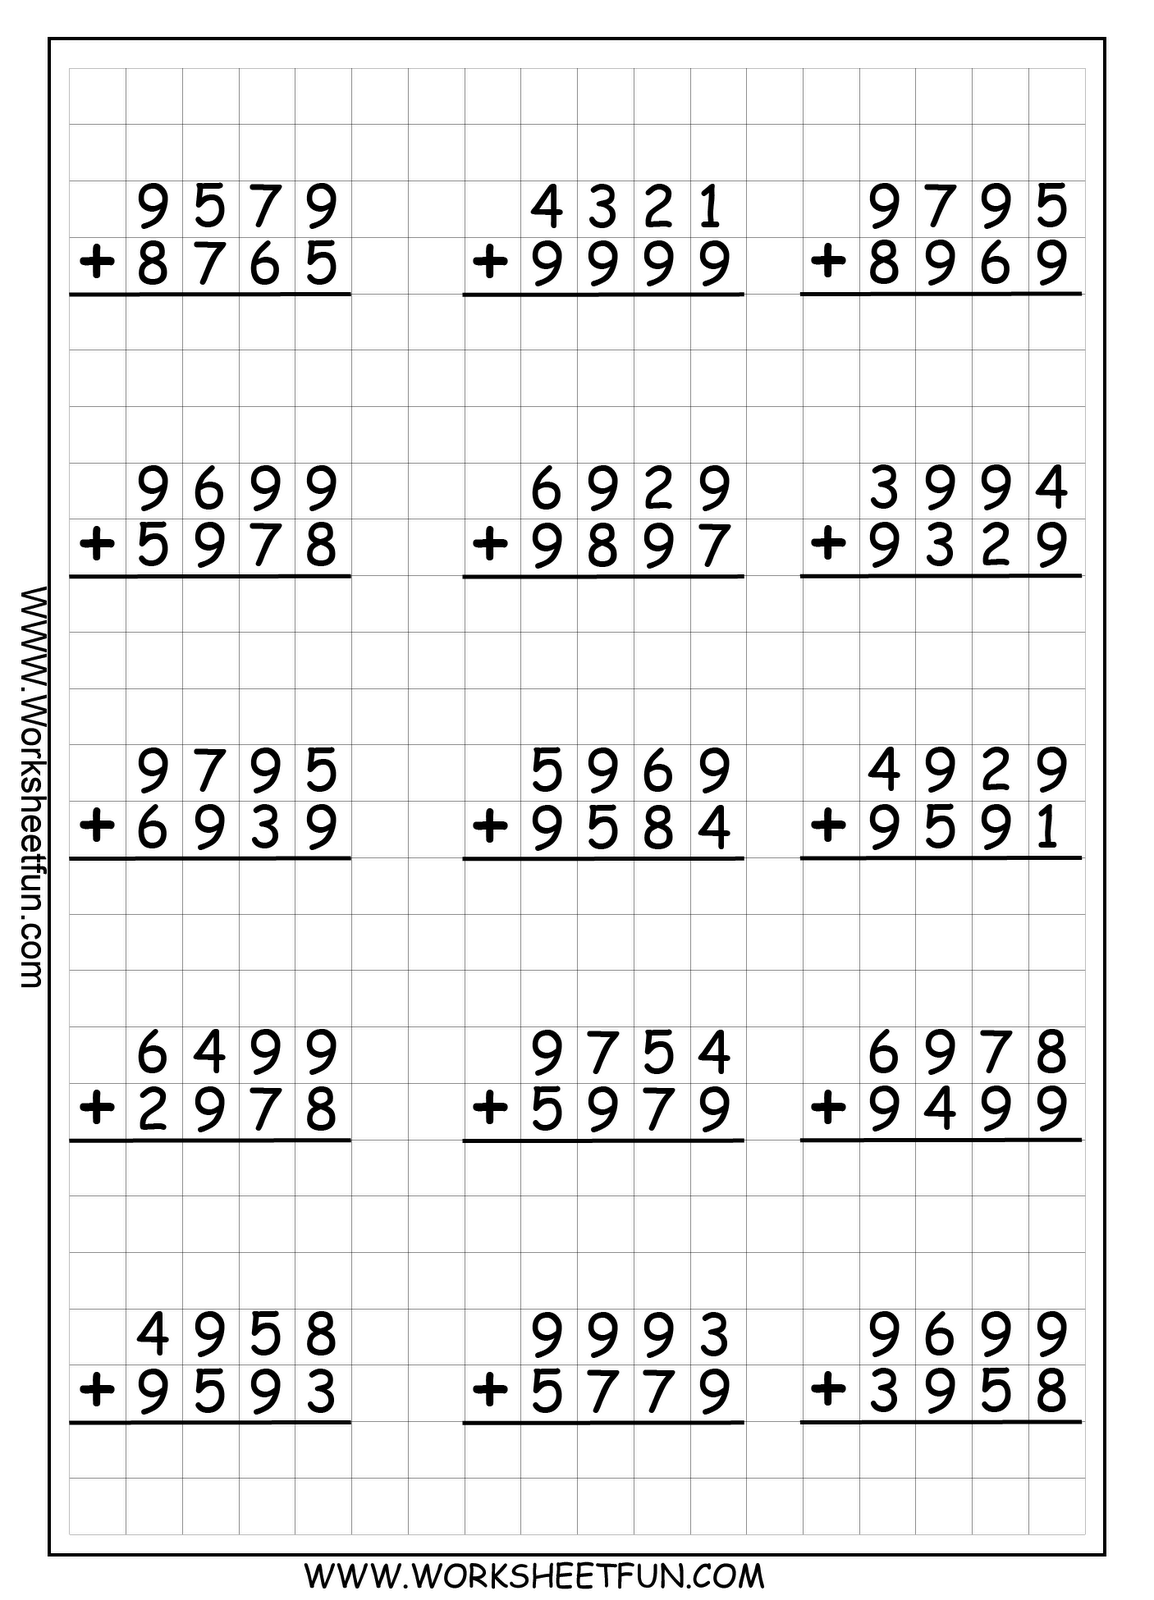 4d R Dditi Ws 1 1 154×1 600 Pixels School Ide S M Th